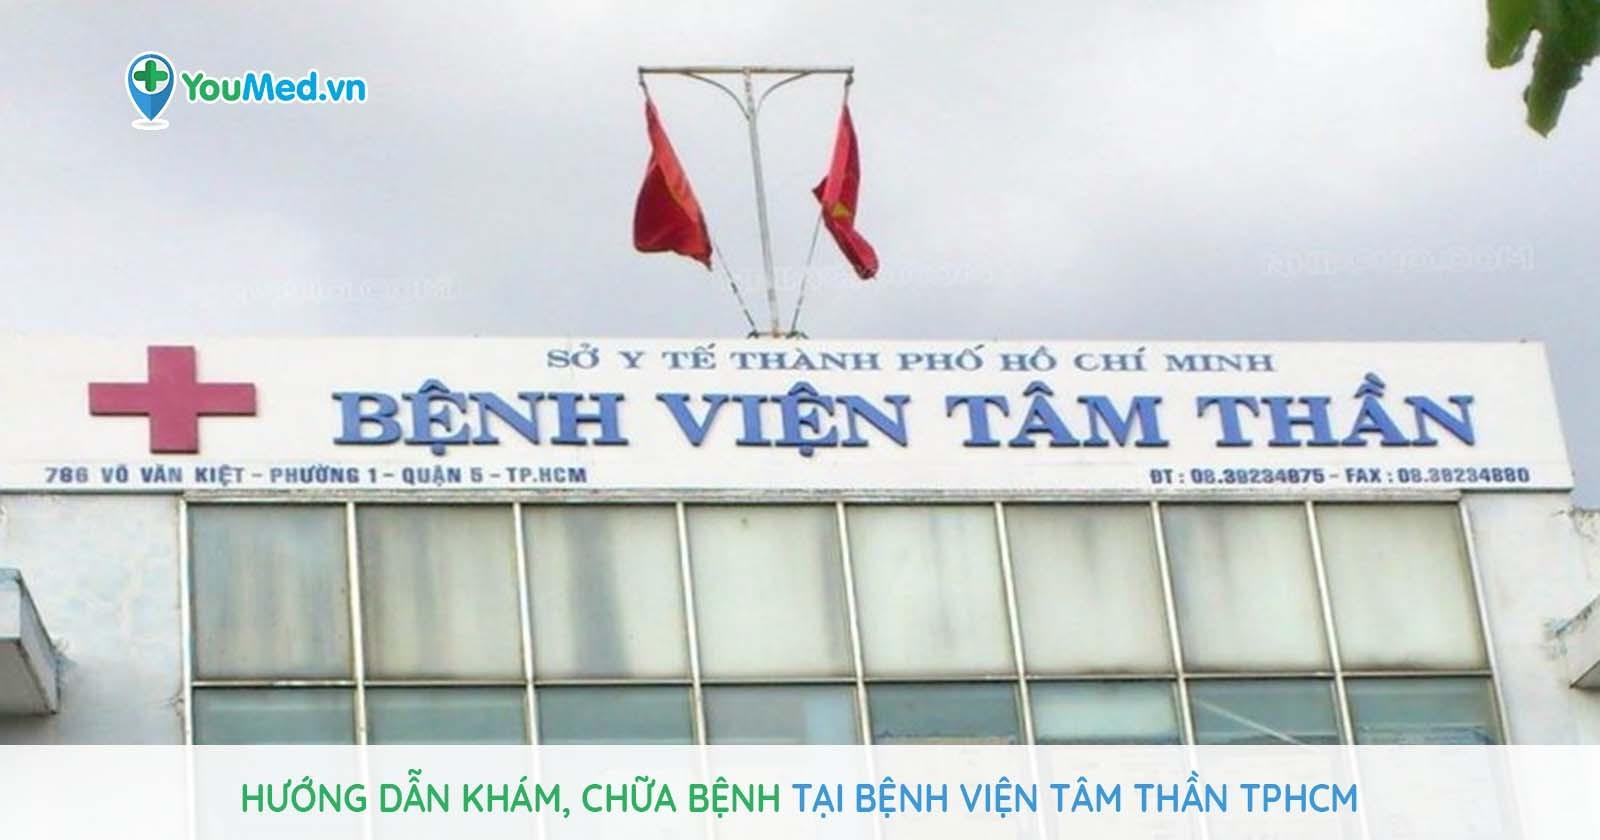 Hướng dẫn khám, chữa bệnh tại bệnh viện Tâm Thần TPHCM